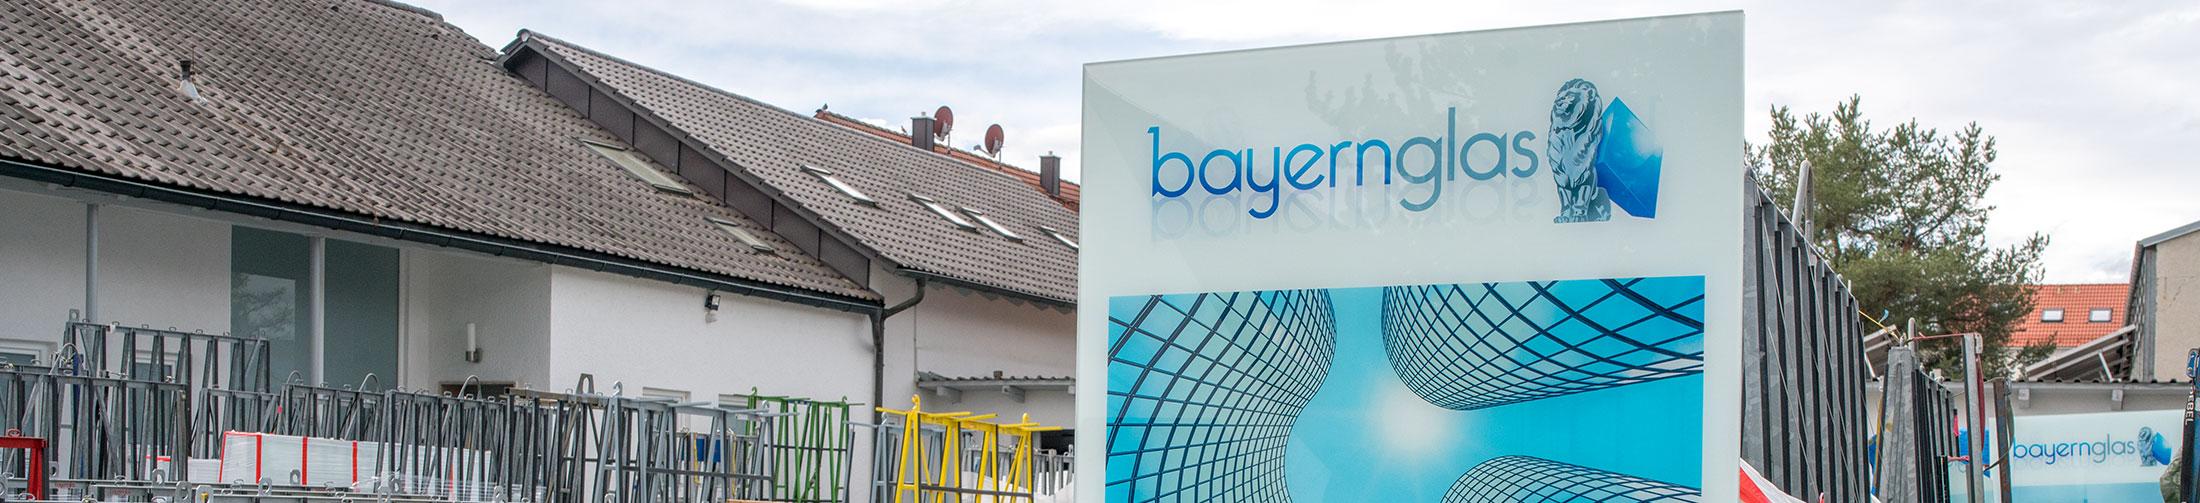 Bayernglas Logo Glas bedruckt